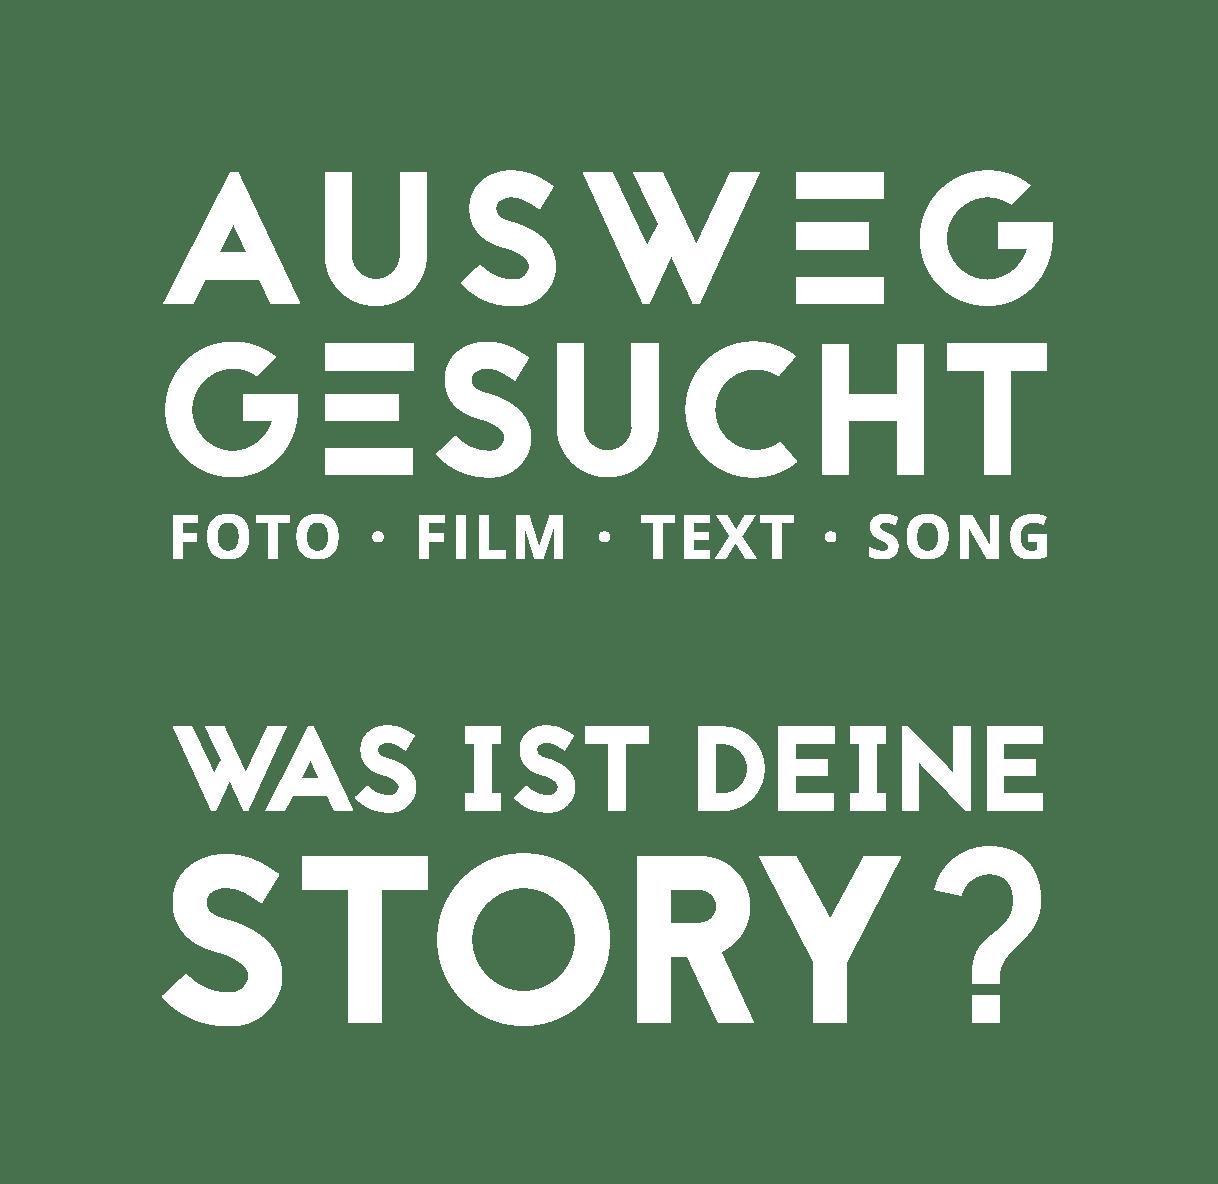 Ausweg Gesucht Kreativwettbewerb - Fotowettbewerb • Filmwettbewerb • Text • Songwettbewerb